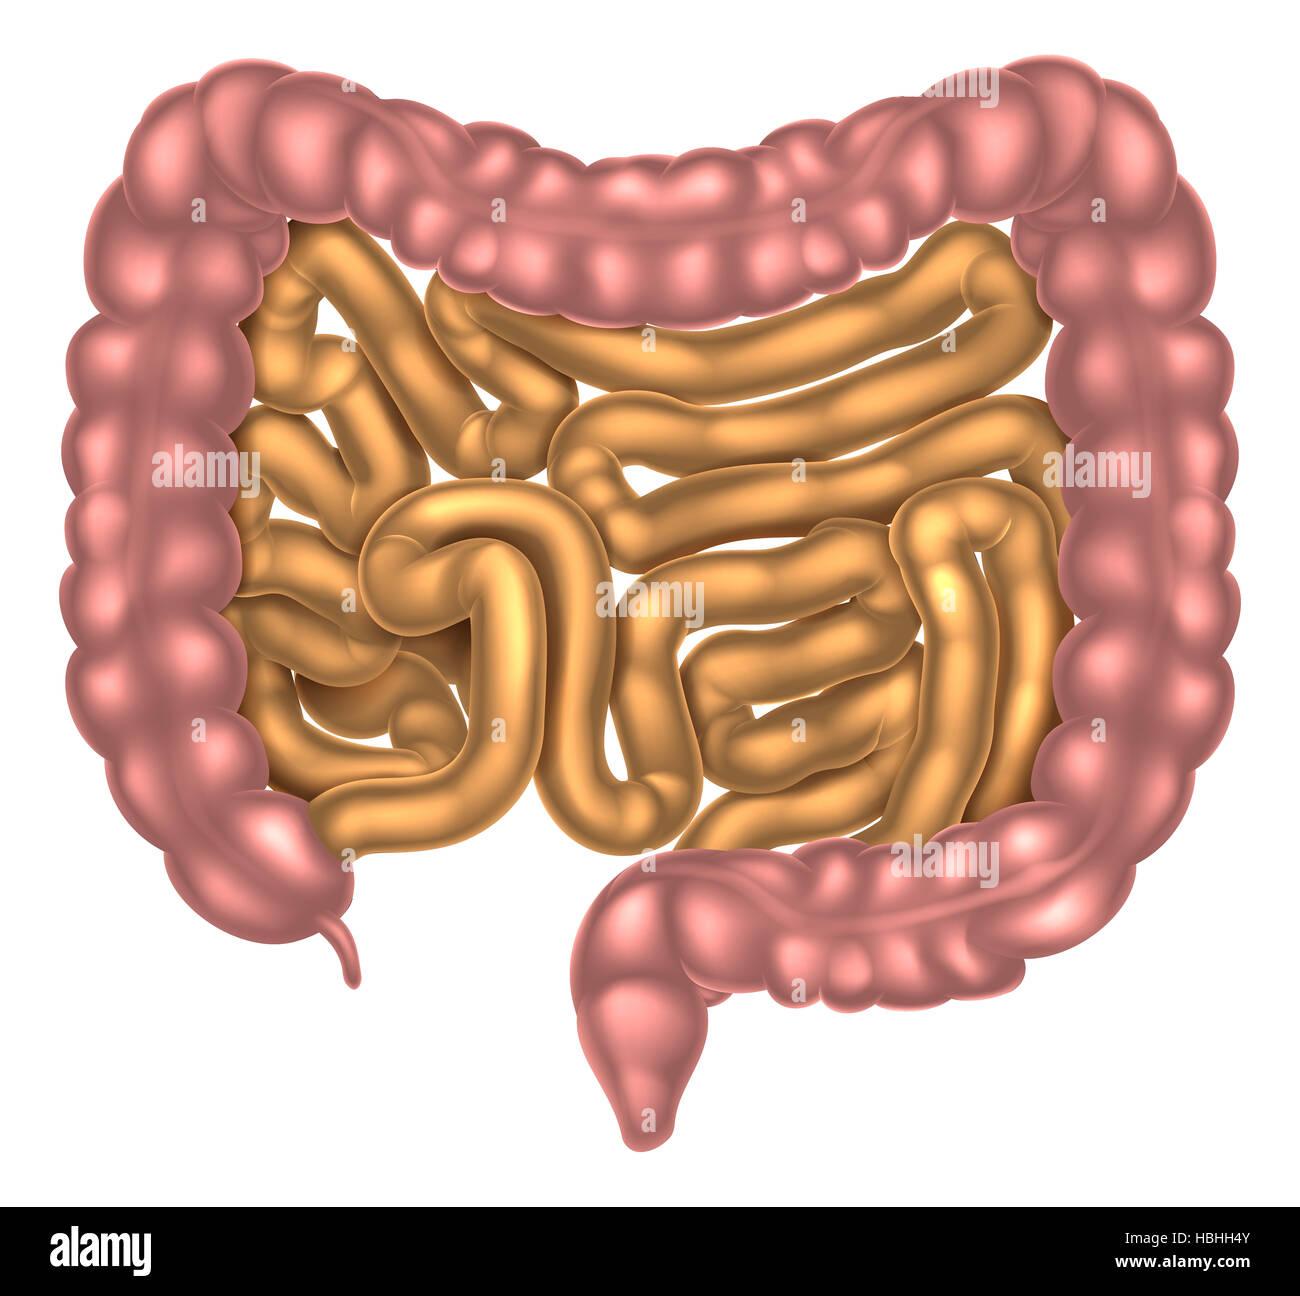 Una Ilustración De Los Intestinos Grueso Y Delgado Forma Parte Del Sistema Digestivo Fotografía De Stock Alamy